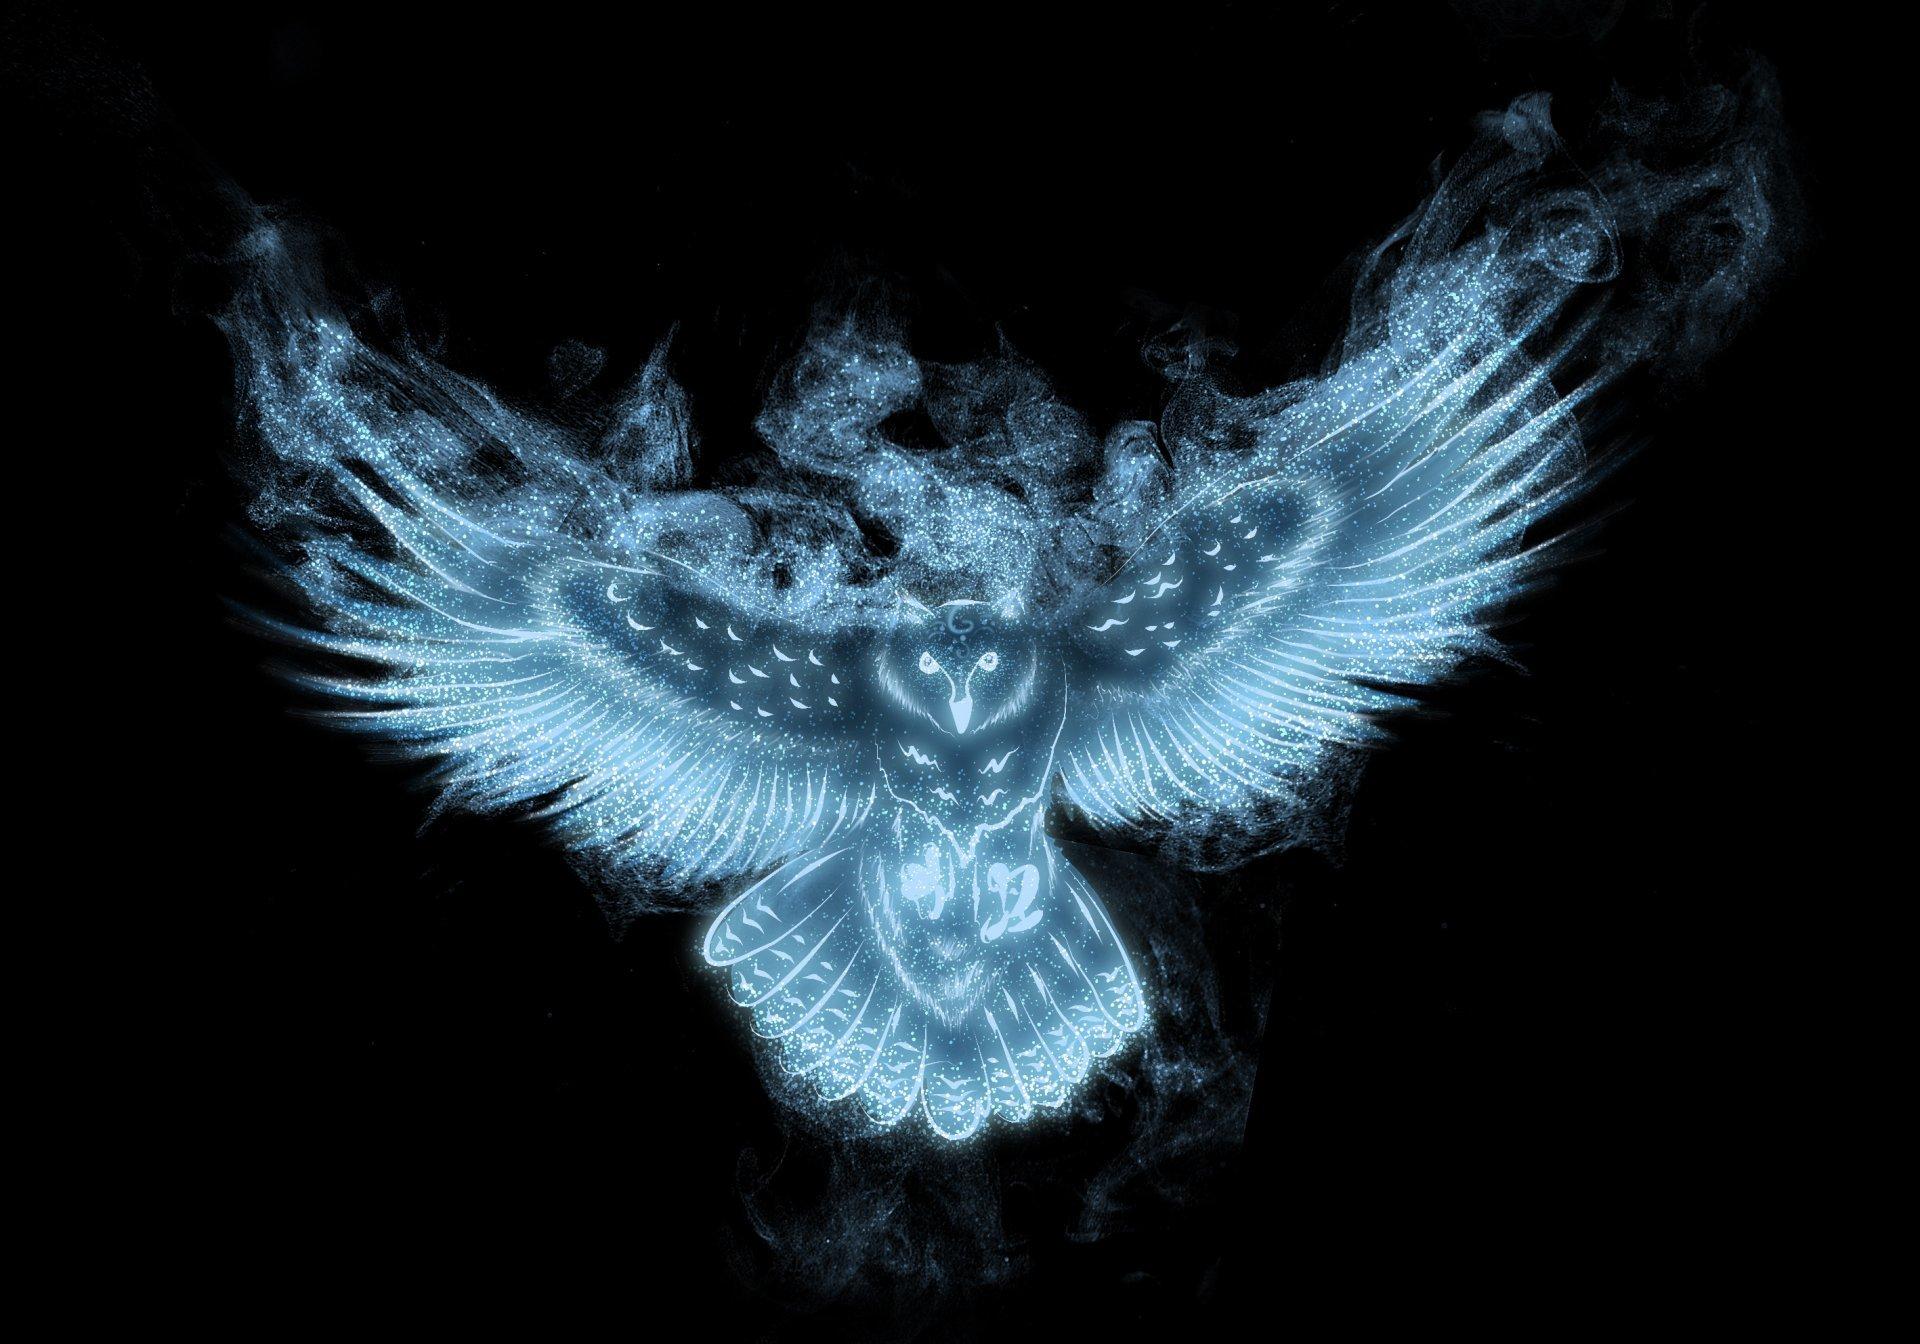 Картинка: Сова, крылья, чёрный фон, частицы